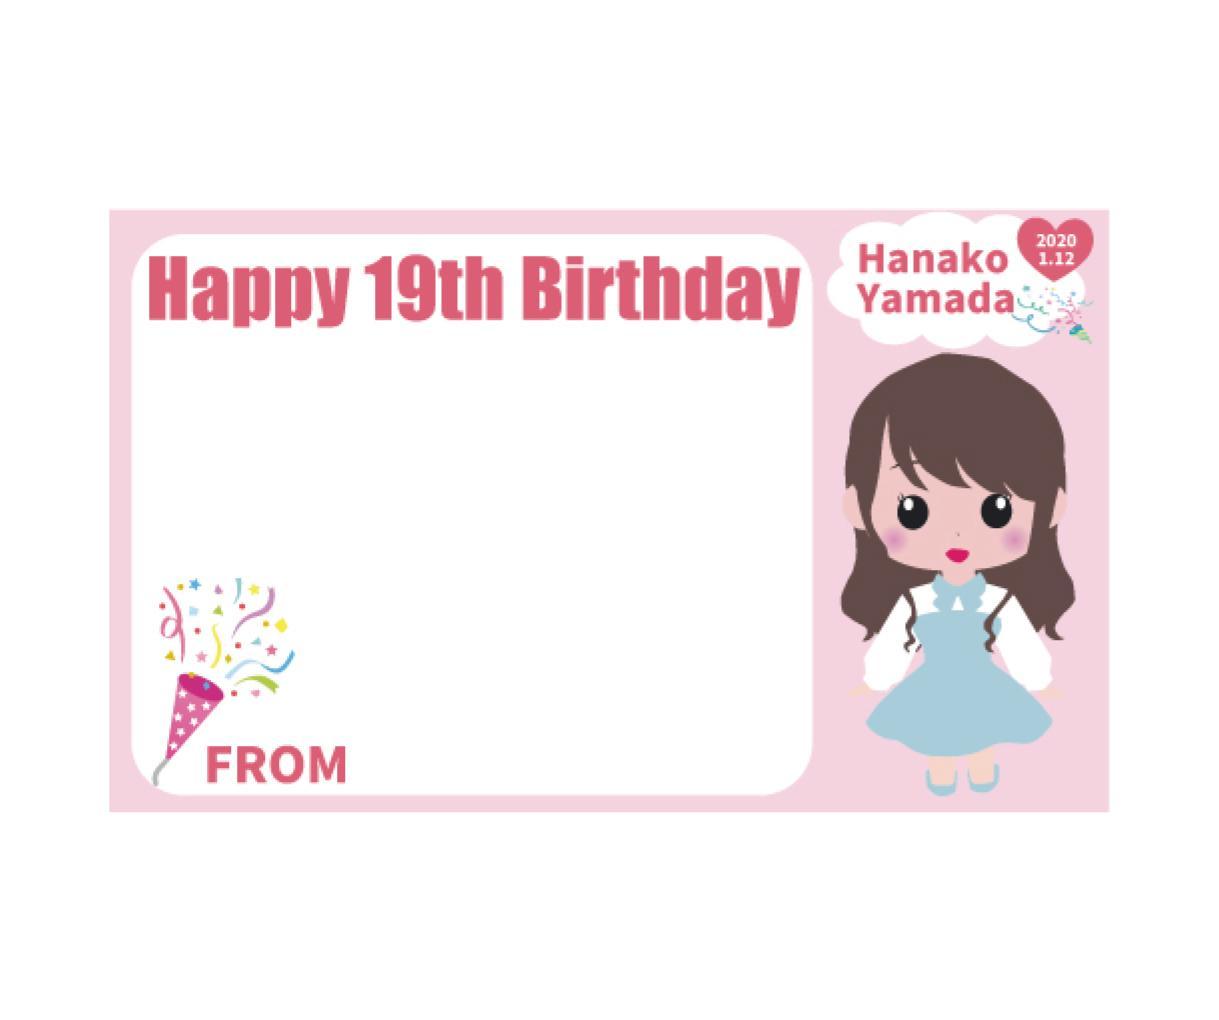 アイドルの生誕カード・グッズ等のデザイン承ります フリーデザイナー兼現役アイドルヲタクがお手伝い致します。 イメージ1